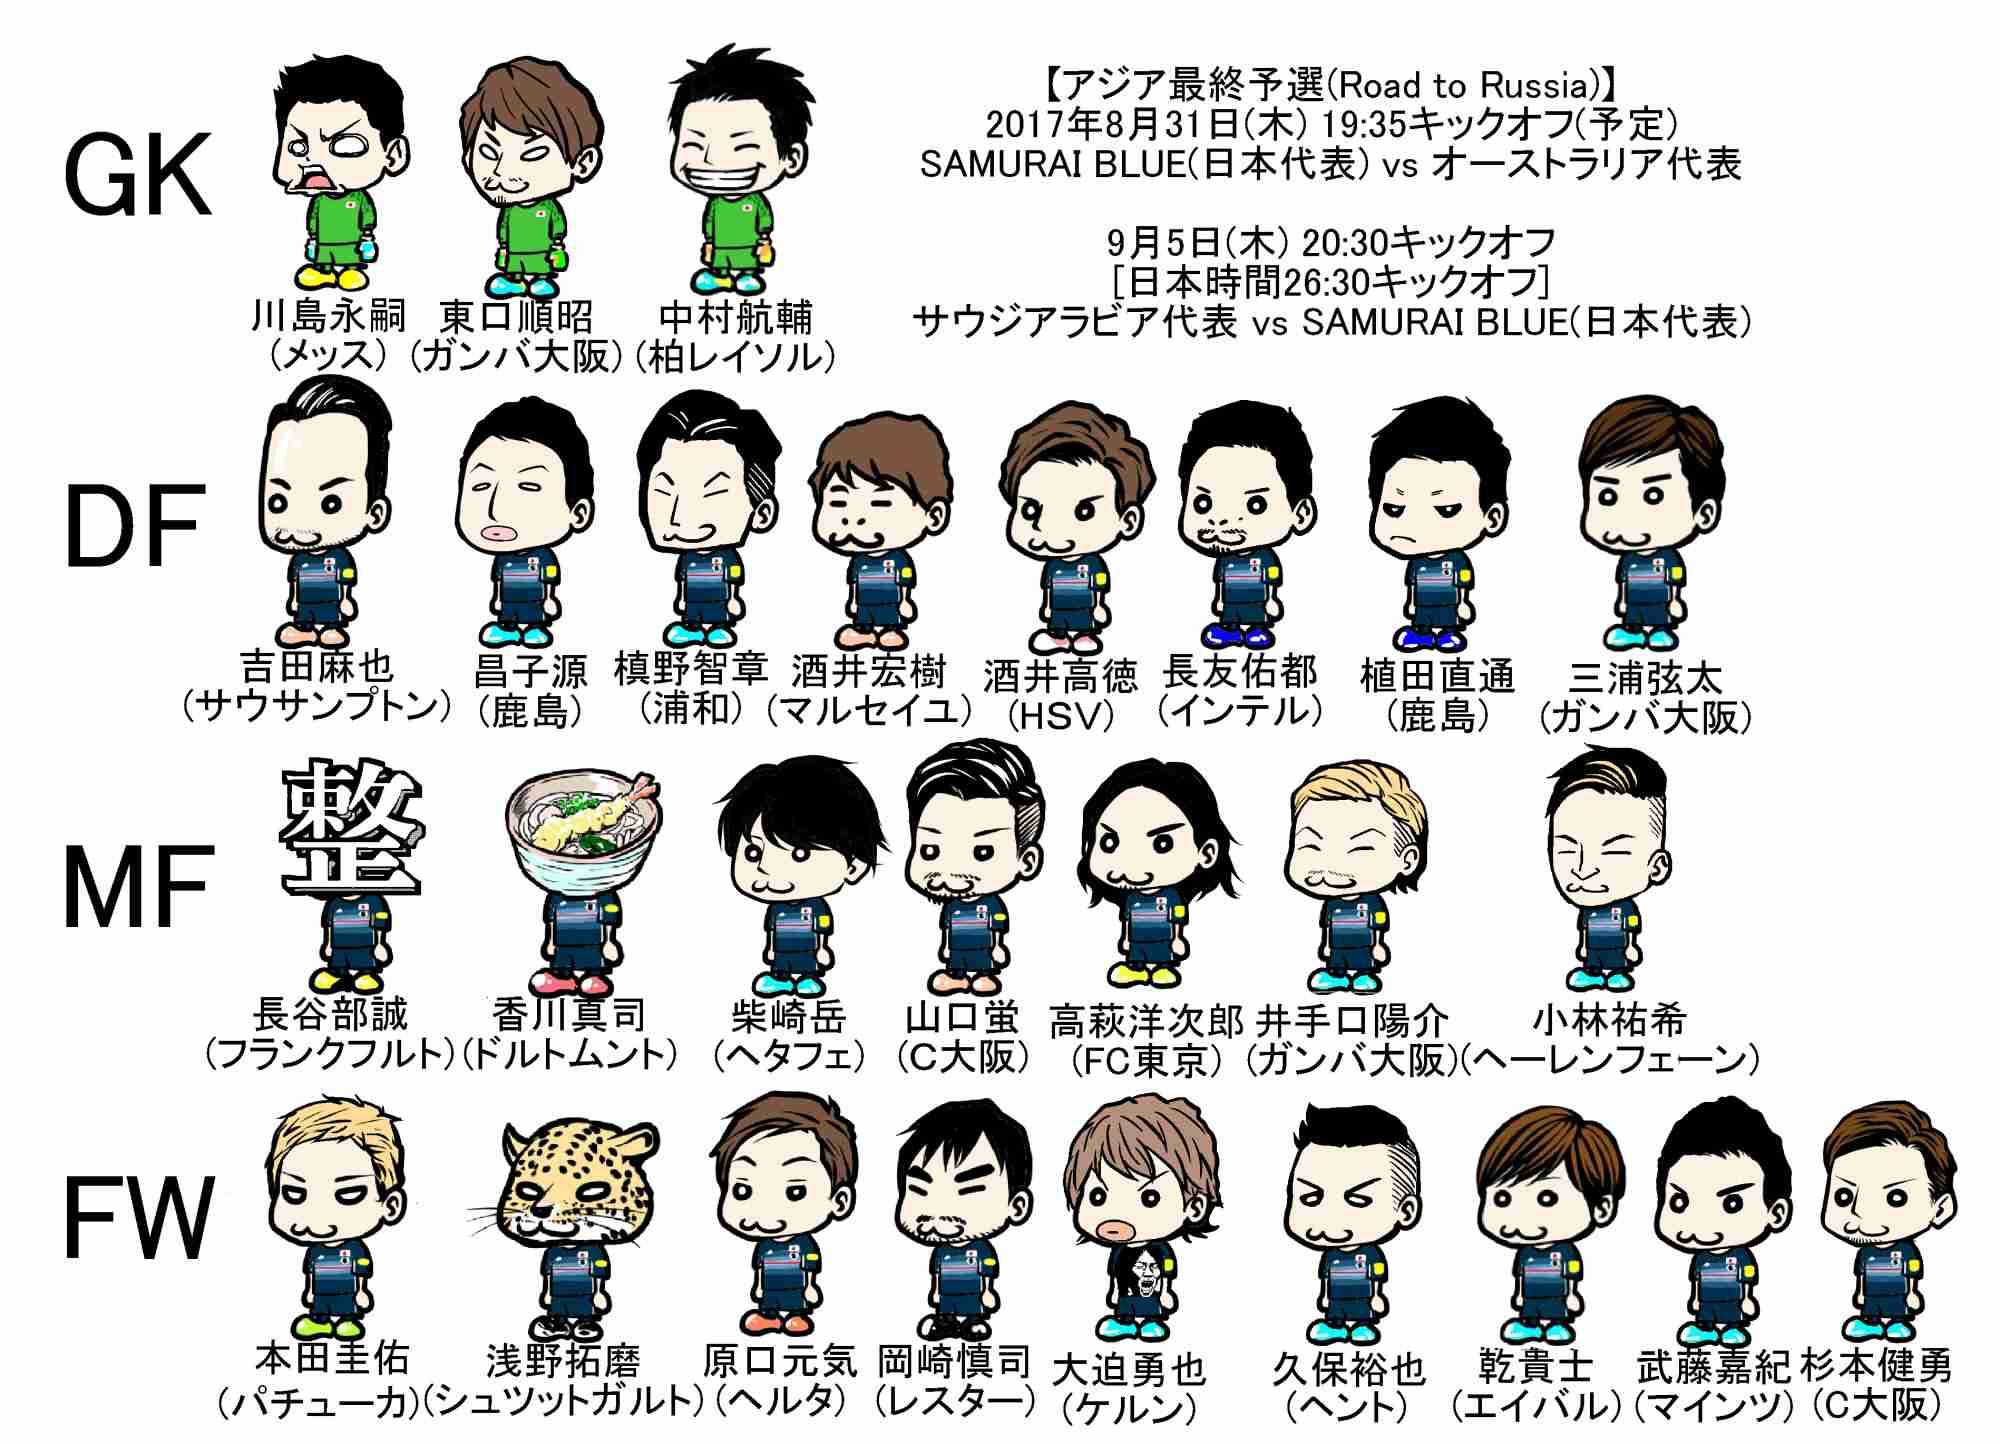 【サッカー】日本代表、W杯最終予選メンバー発表!ロシア行きの切符を懸けた大一番へ